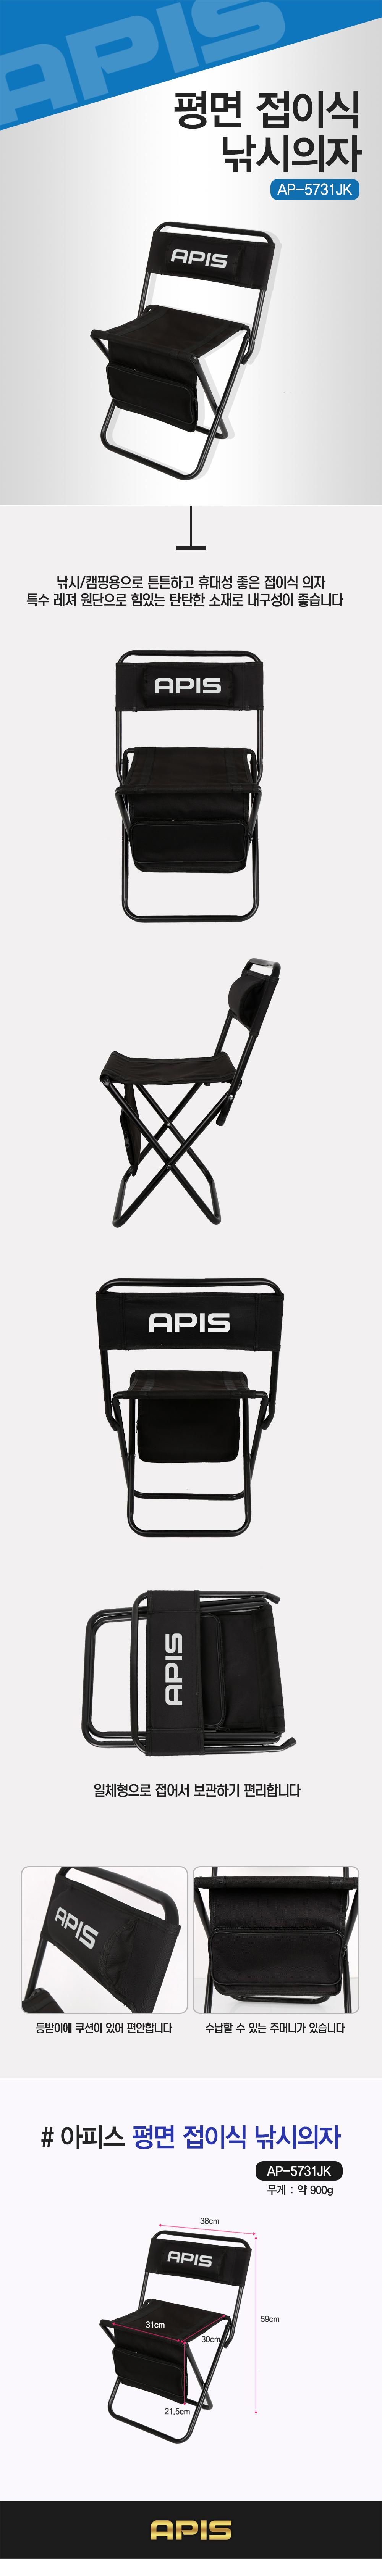 아피스 평면 접이식 낚시의자  APC-5731JK 미니의자 낚시의자 아피스의자 아피스캠핑의자 바캉스용품